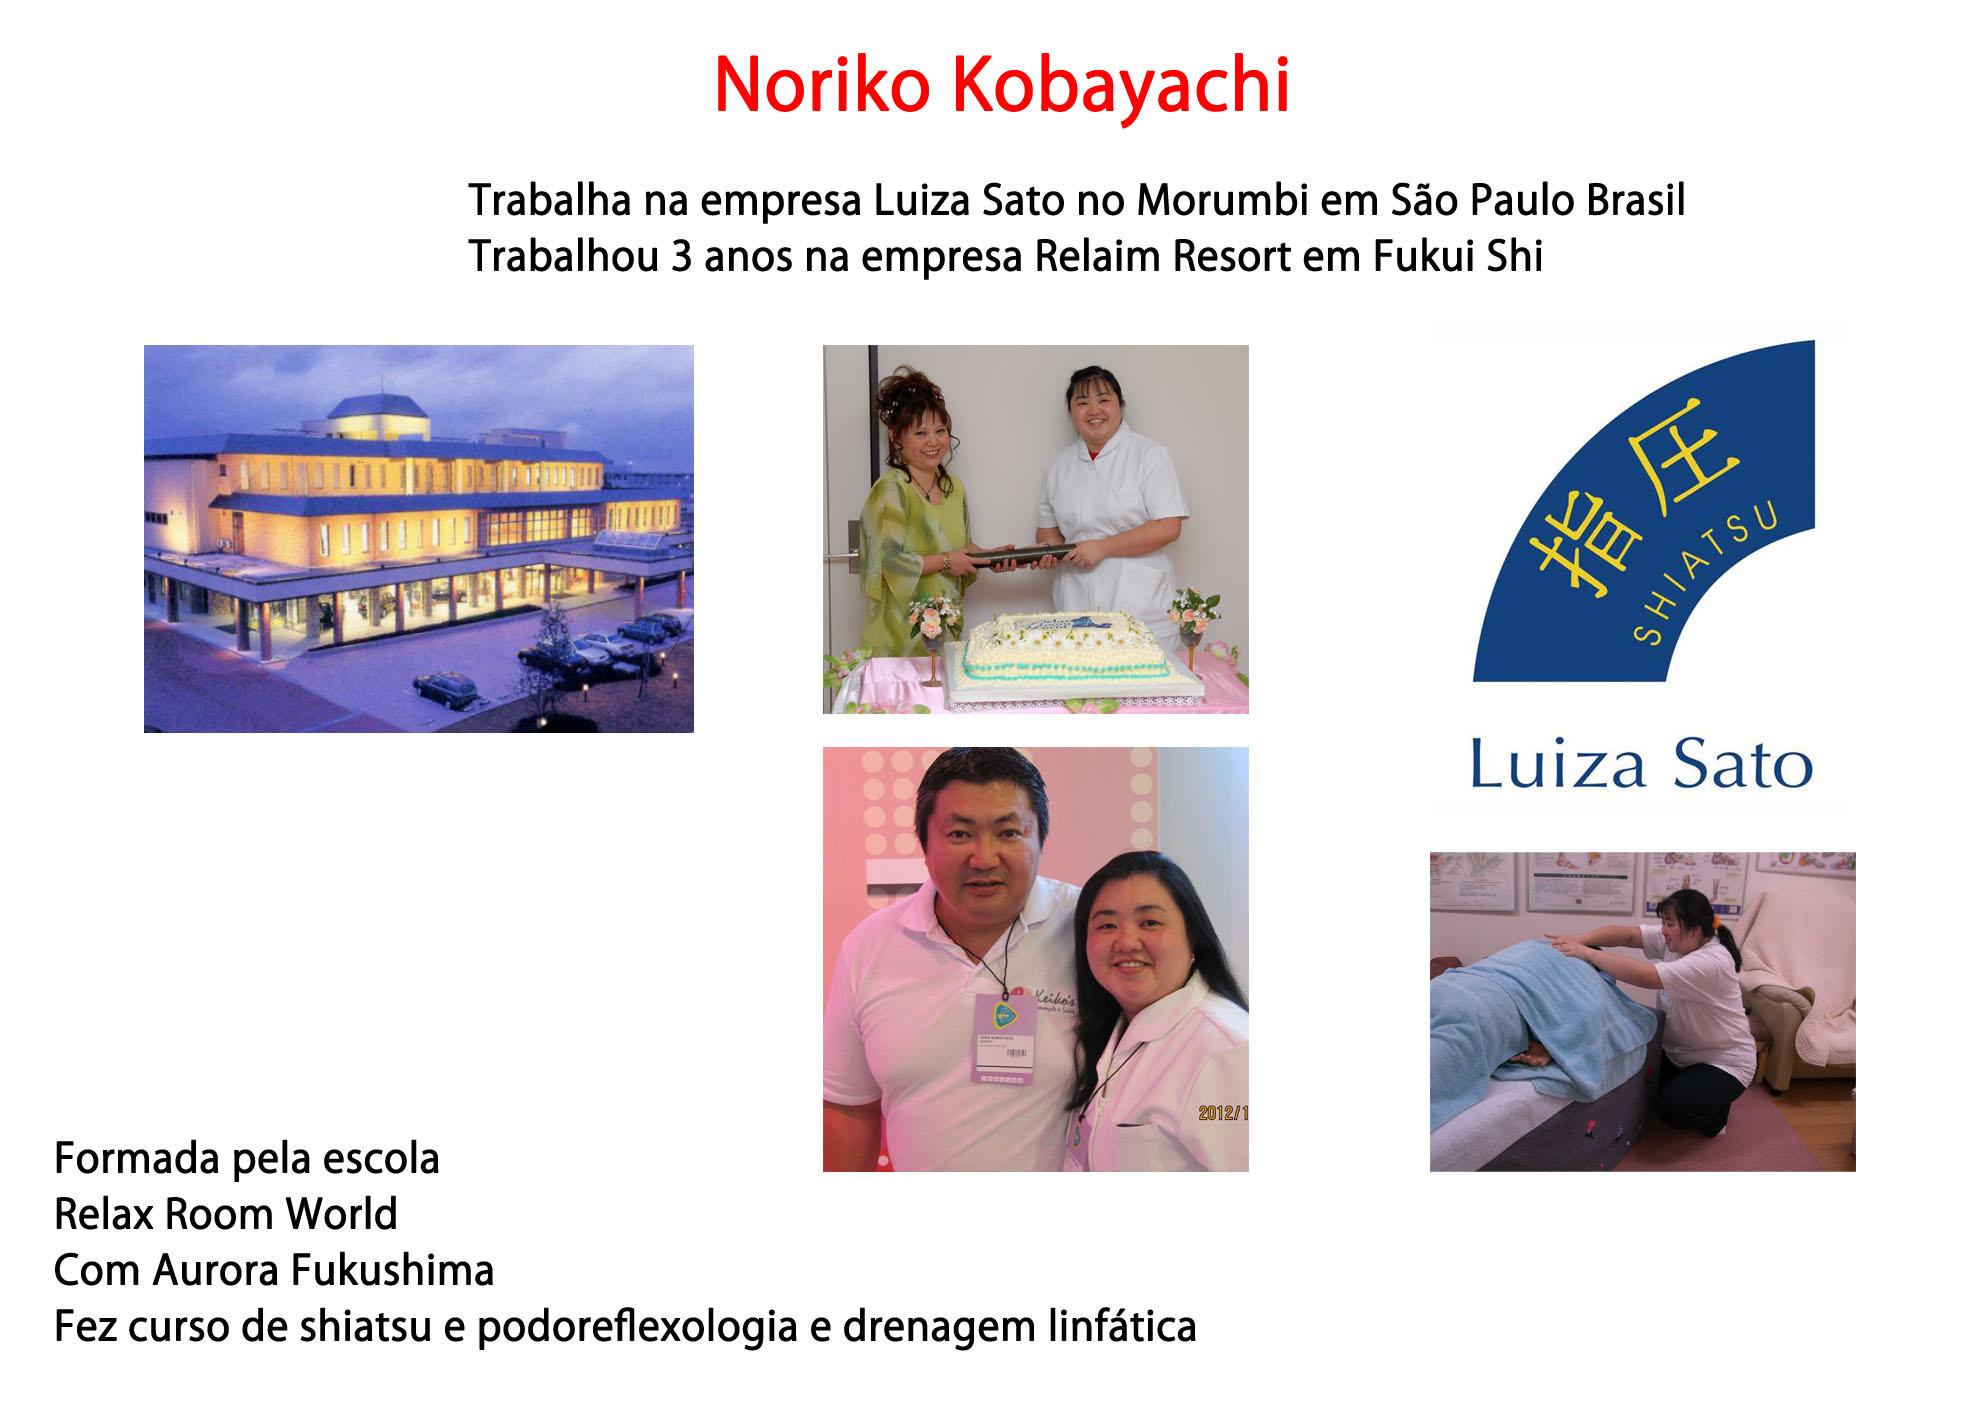 Noriko Kobayashi